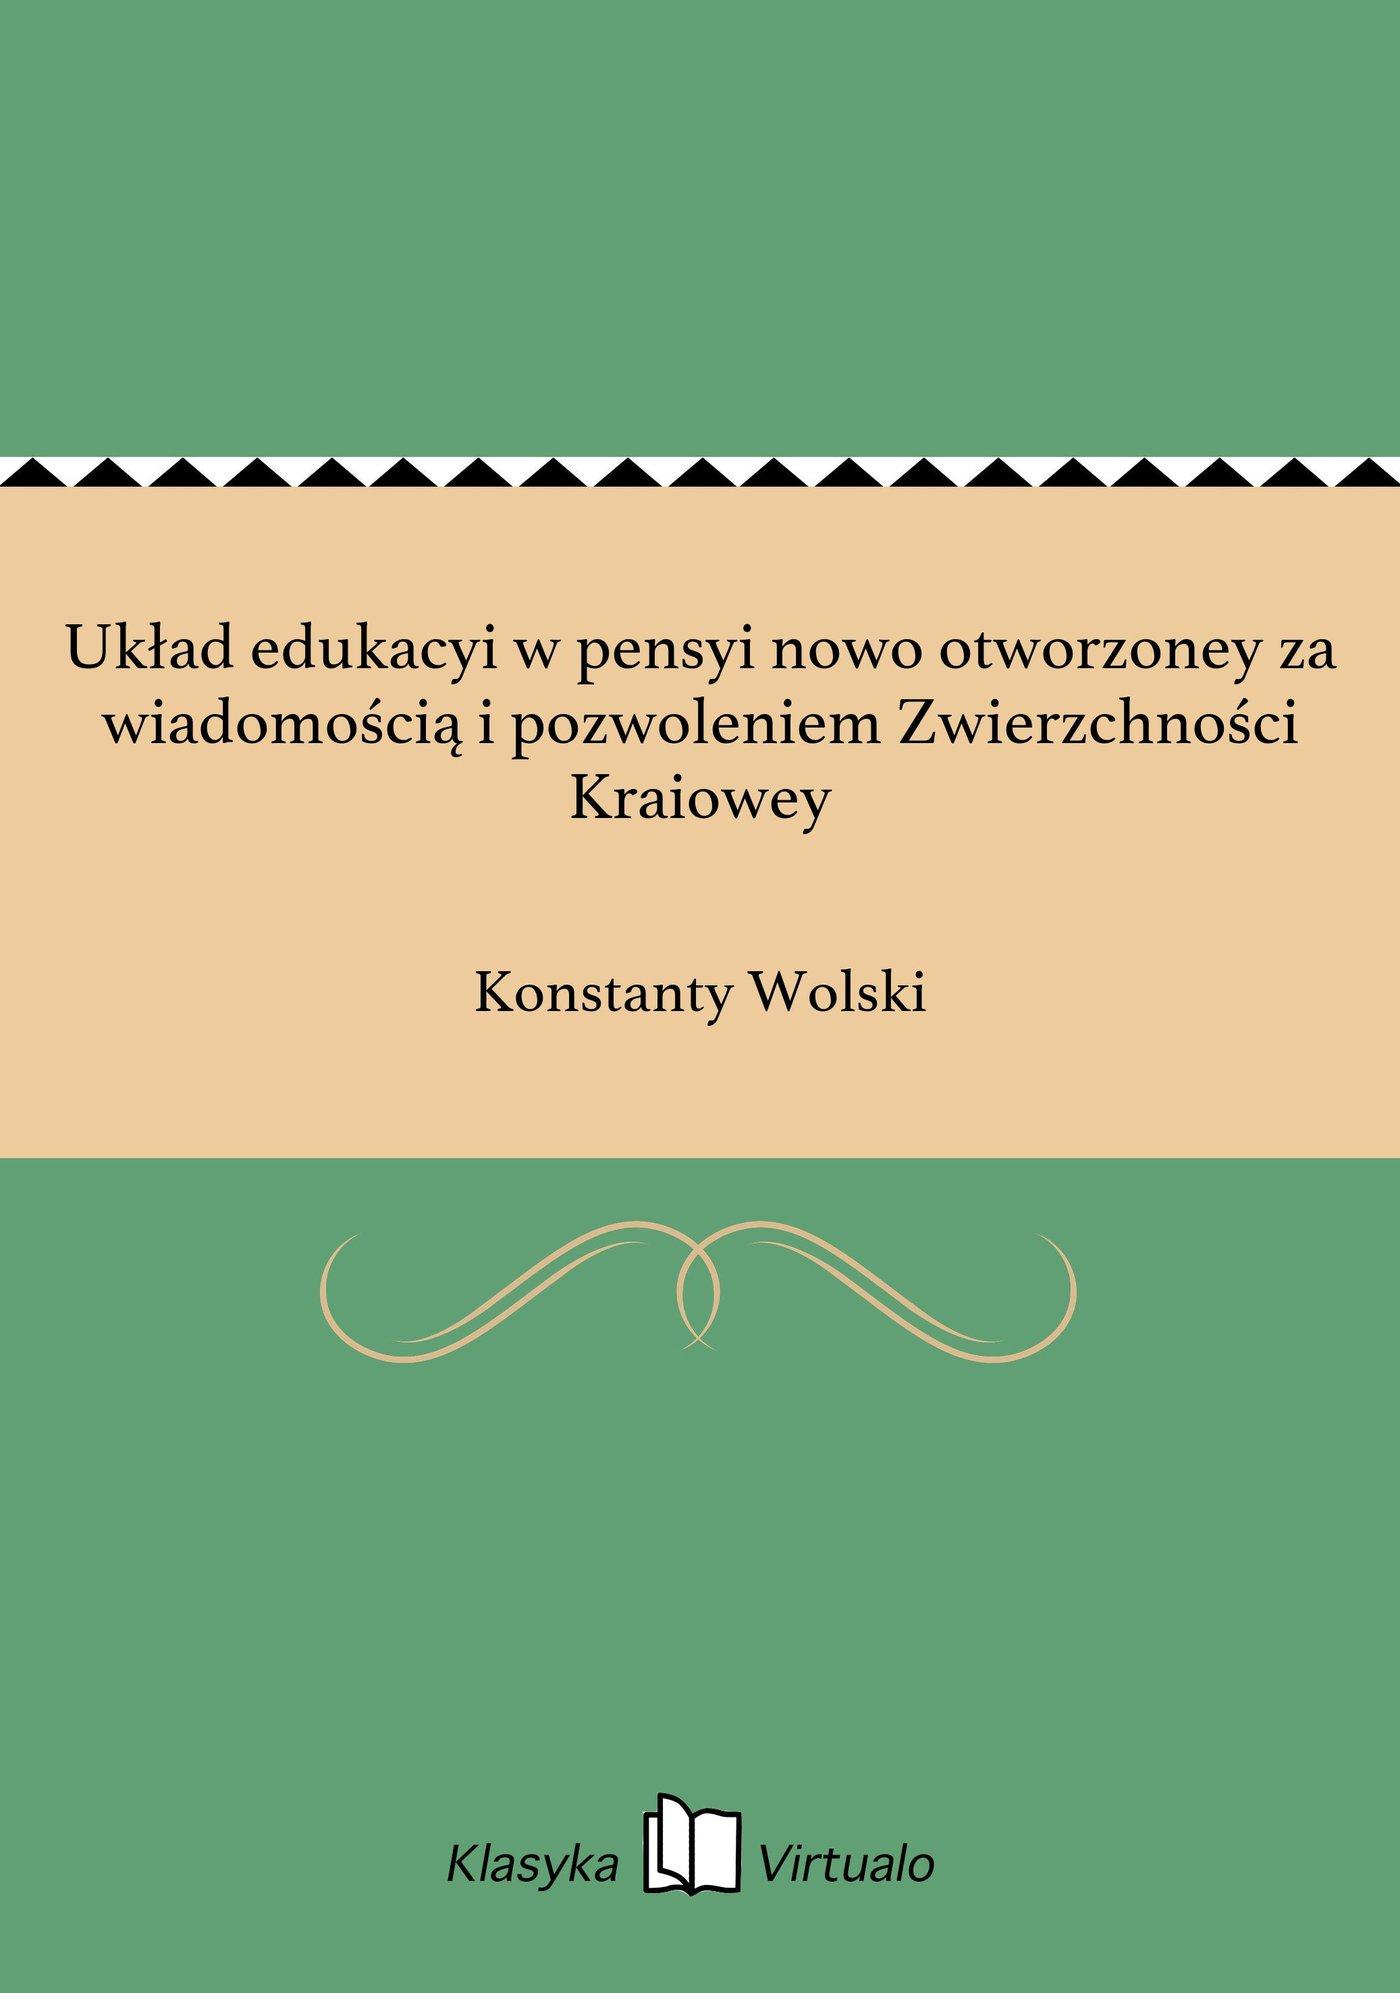 Układ edukacyi w pensyi nowo otworzoney za wiadomością i pozwoleniem Zwierzchności Kraiowey - Ebook (Książka EPUB) do pobrania w formacie EPUB